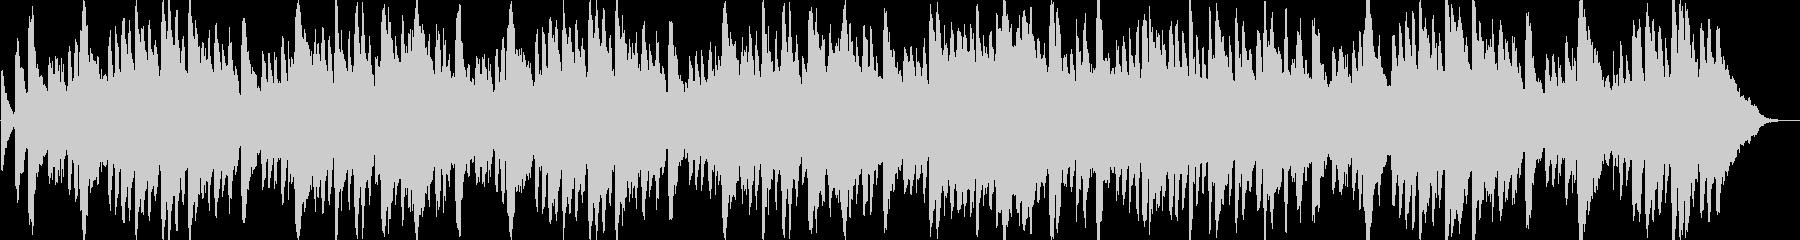 トロイメライ/シューマンの未再生の波形